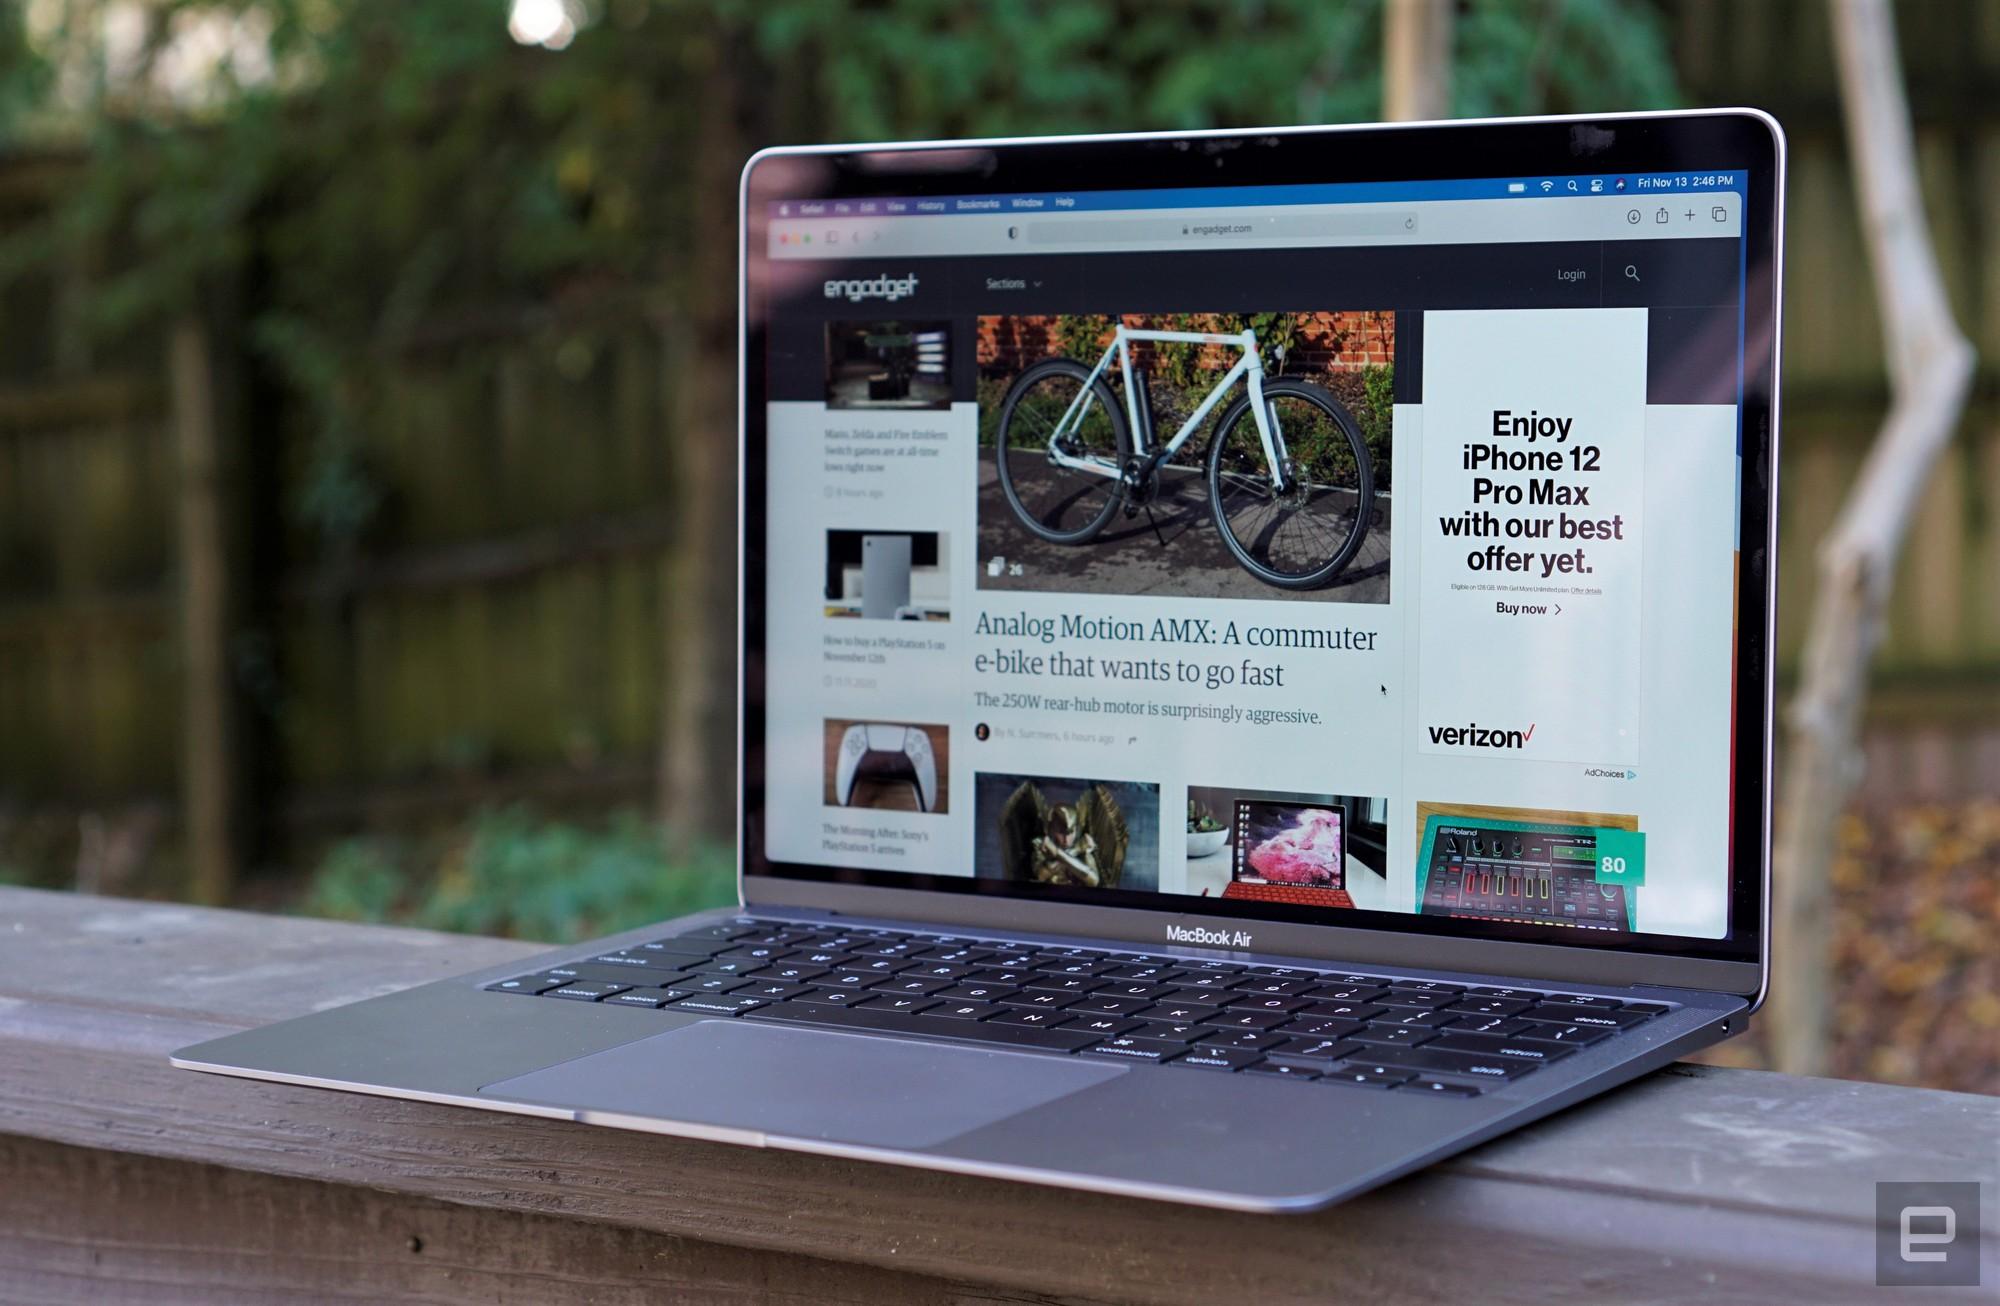 www.engadget.com